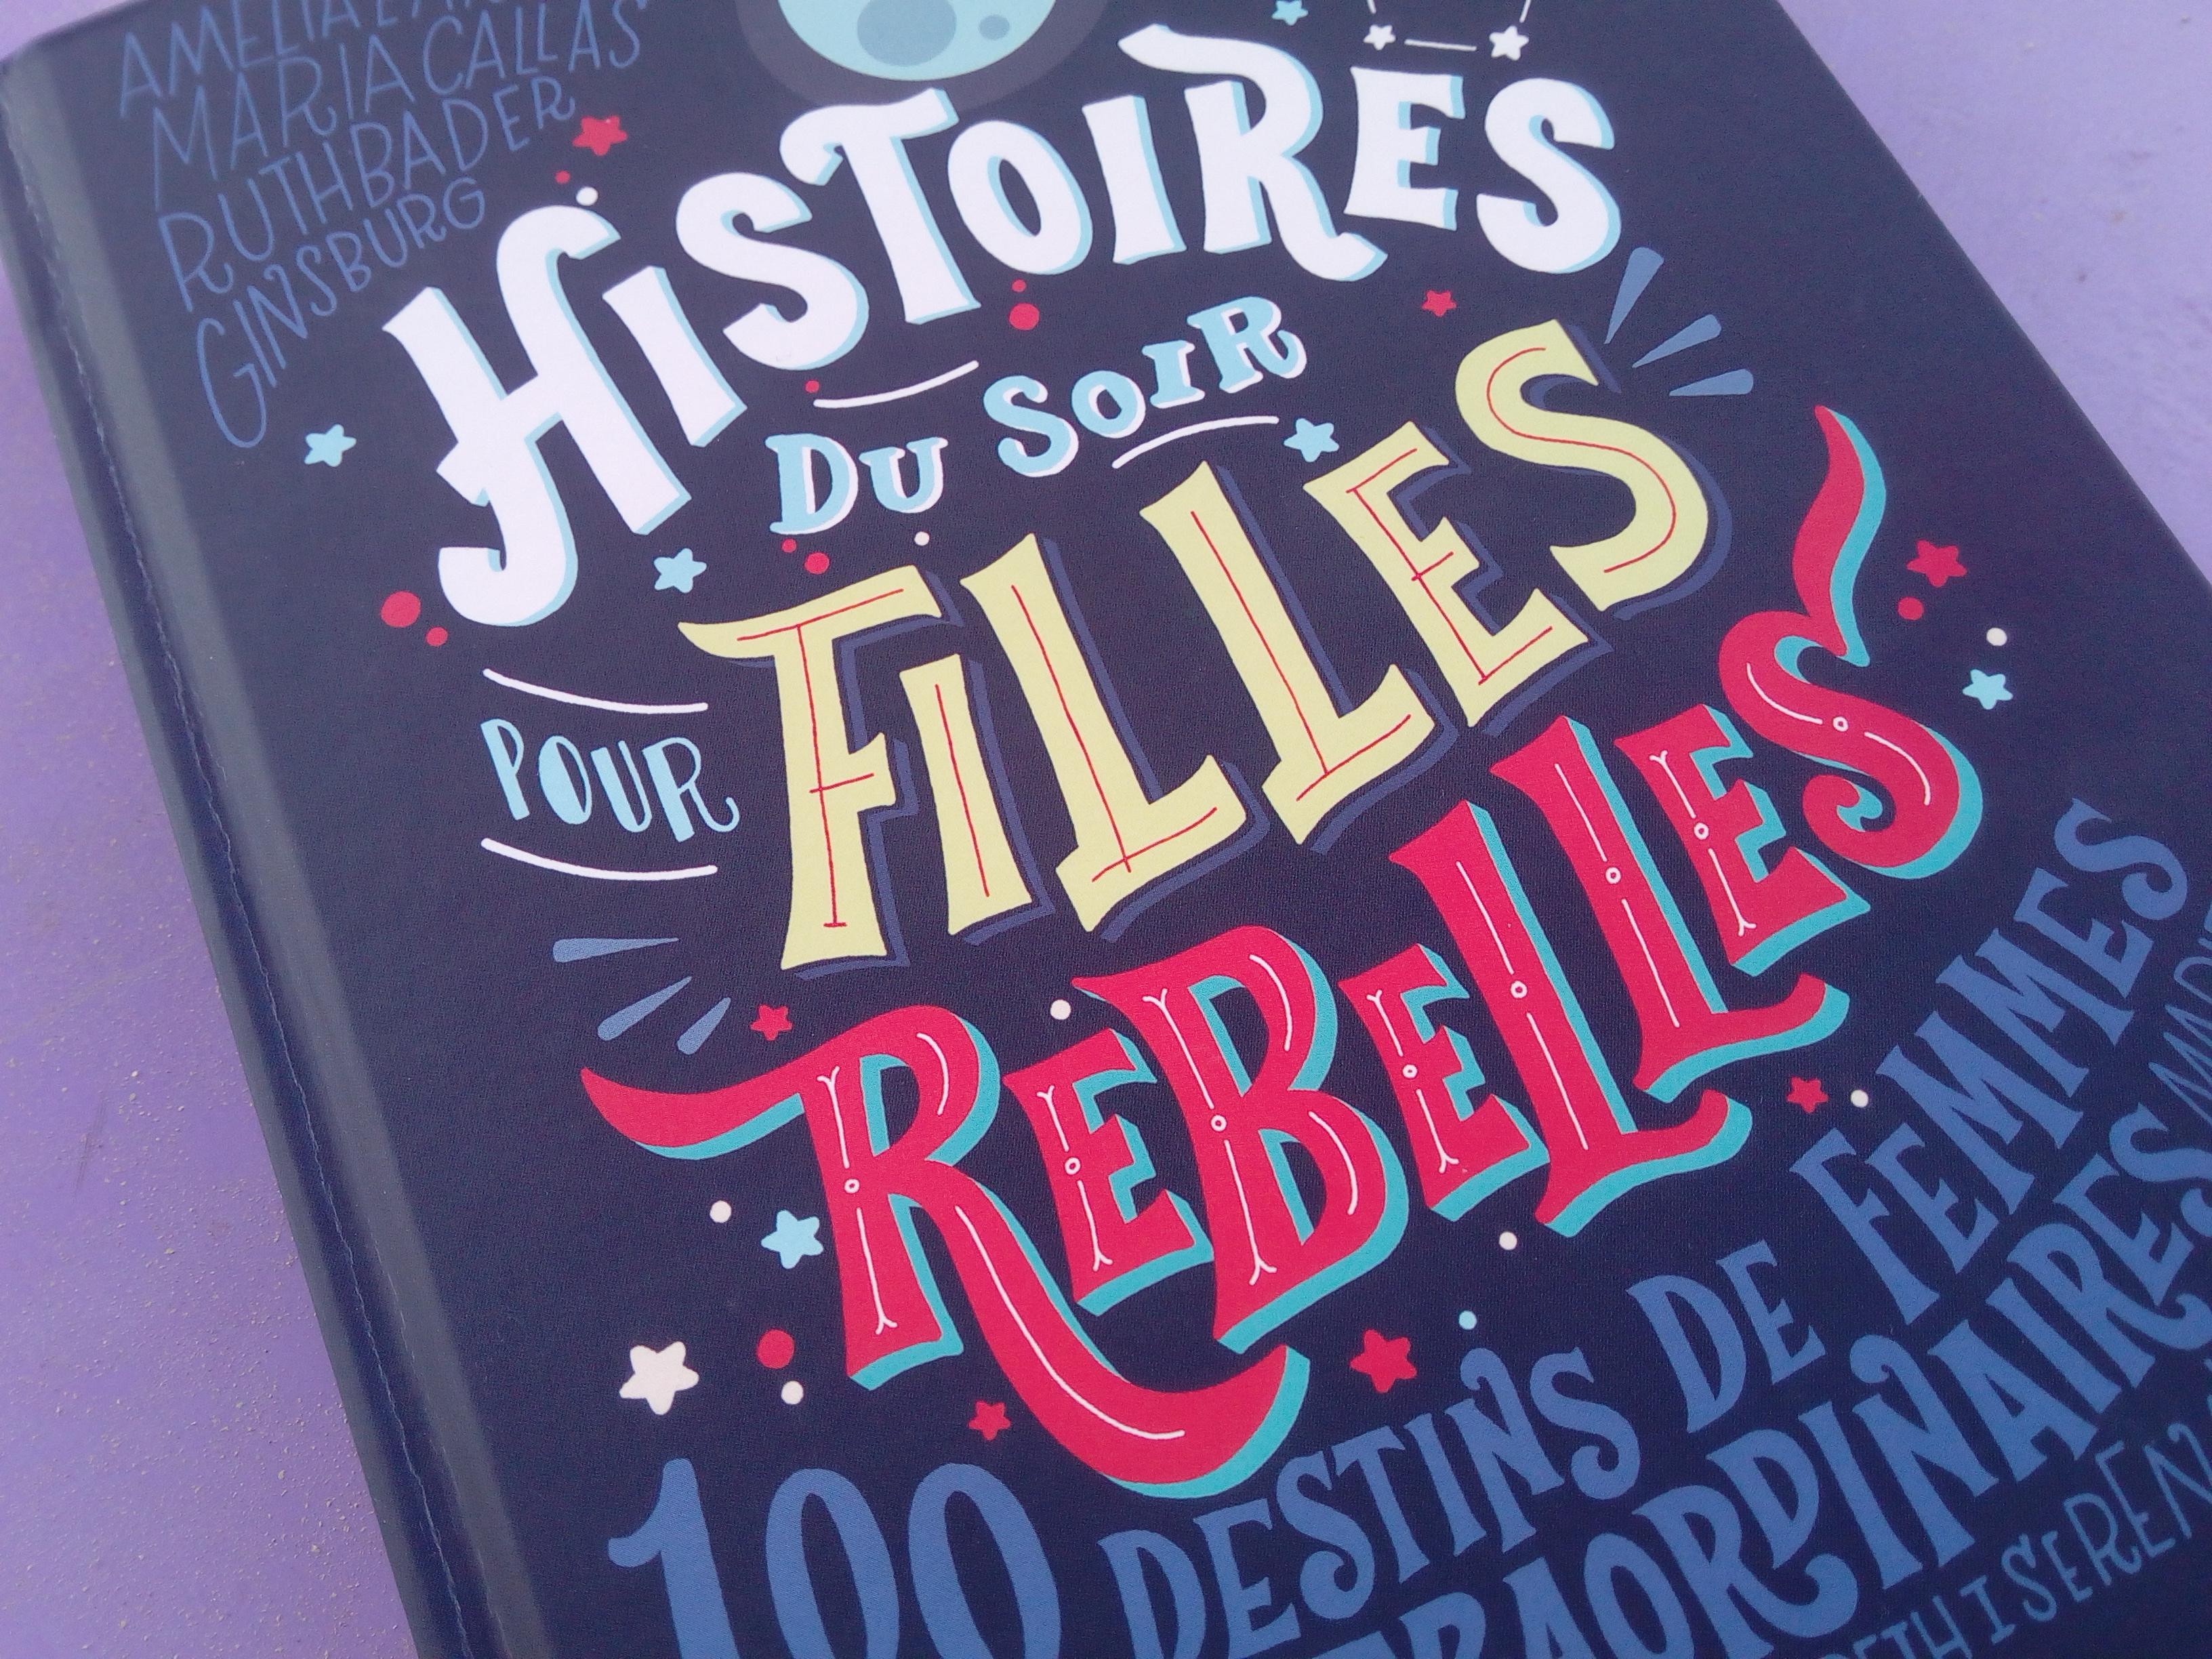 Histoires Du Soir Pour Filles Rebelles 100 Destins De